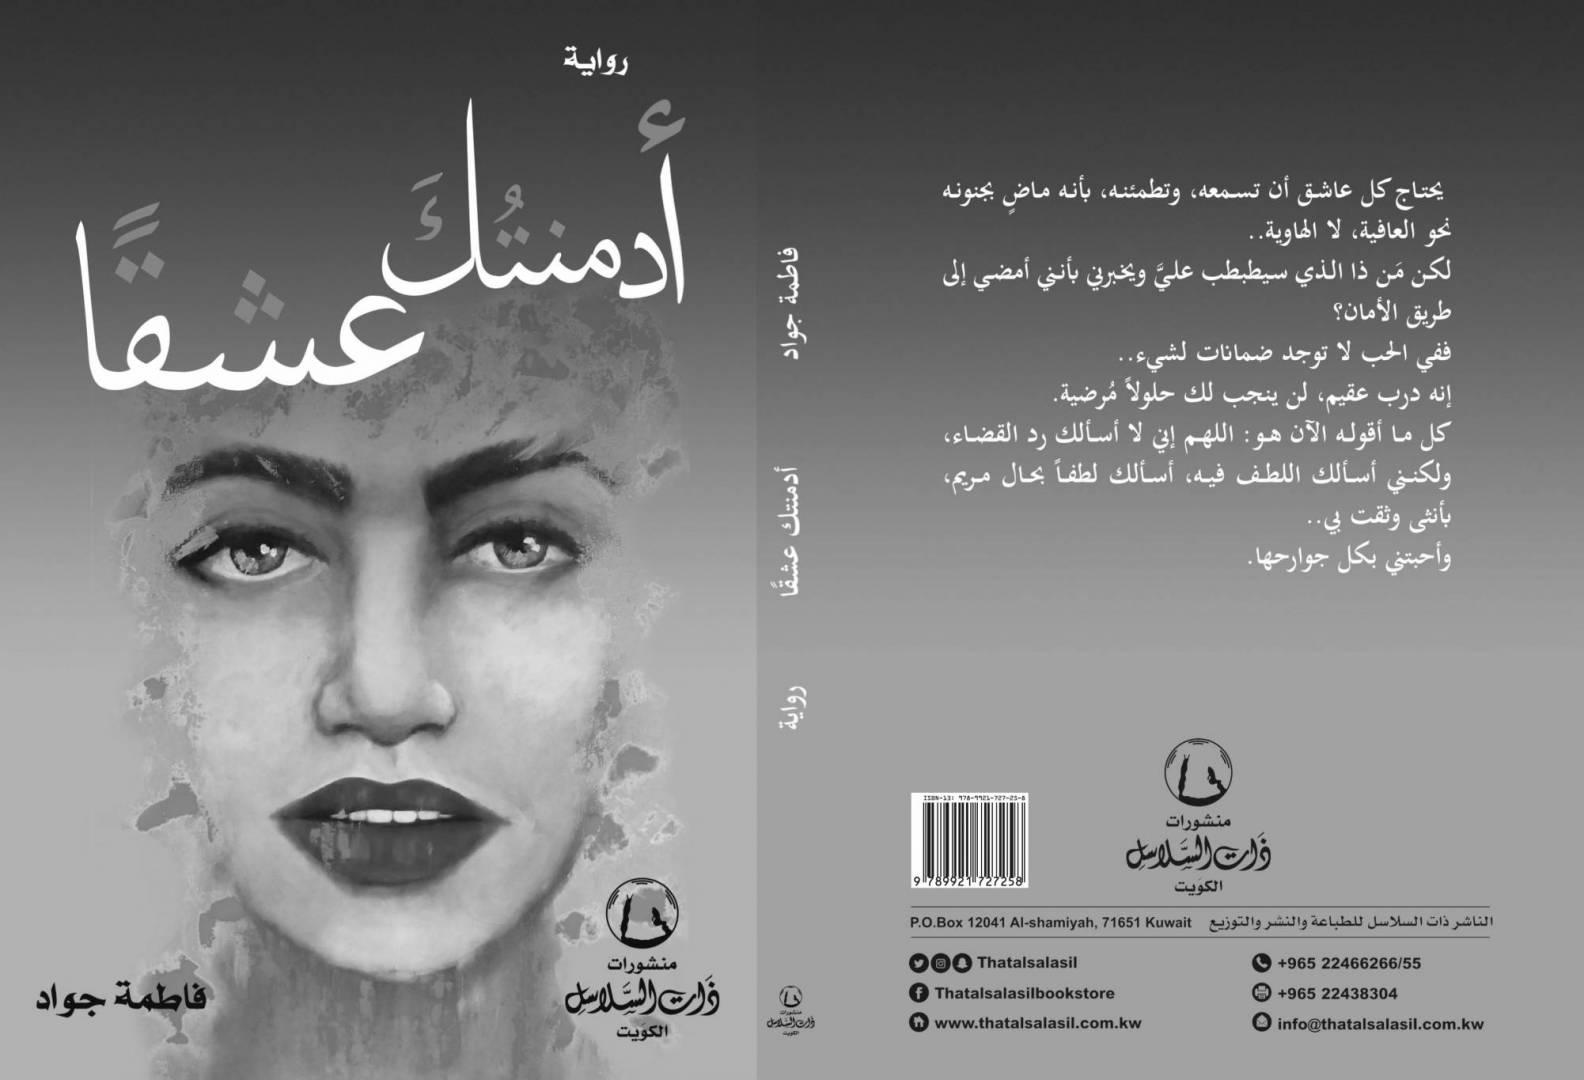 غلاف رواية «أدمنتك عشقا»